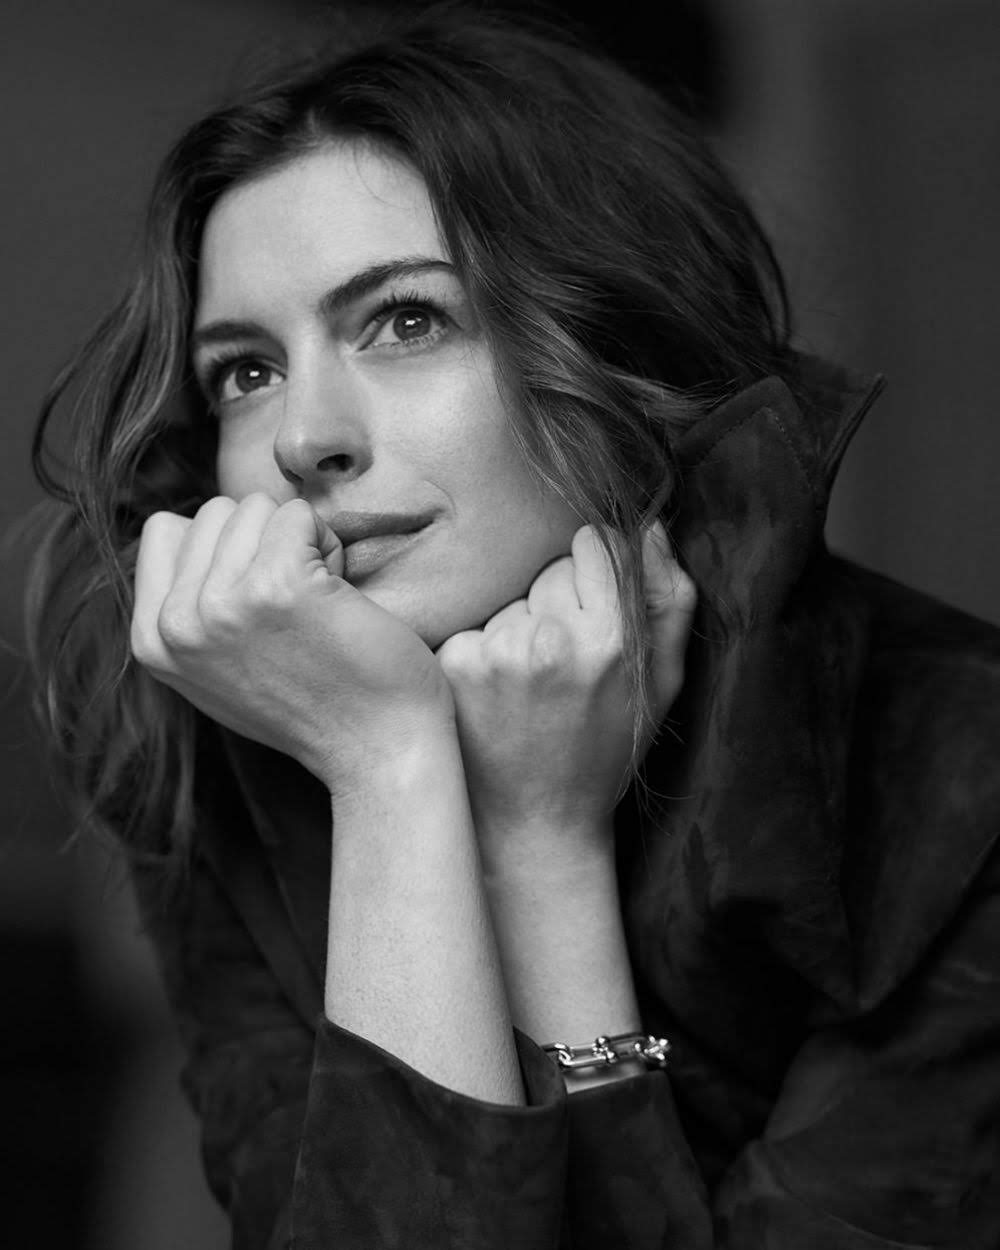 Anne Hathaway on The Style :「ペテン師とサギ師」をリメイクしたコメディ映画「ザ・ハッスル」のアン・ハサウェイが、ザ・スタイルに登場 ! !